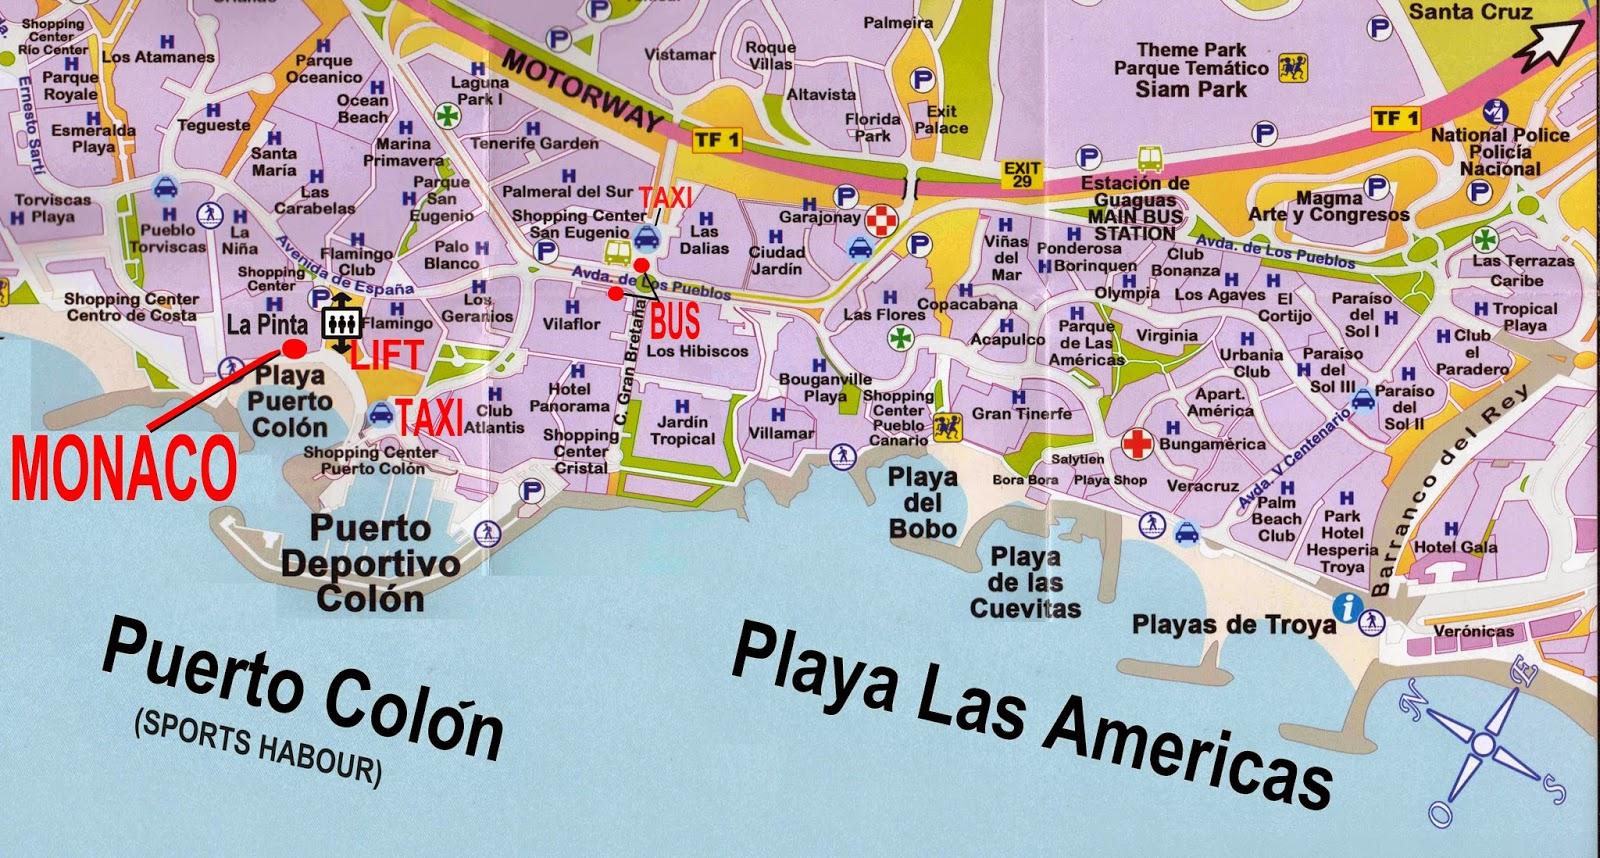 Map Of Hotels In Tenerife Playa De Las Americas